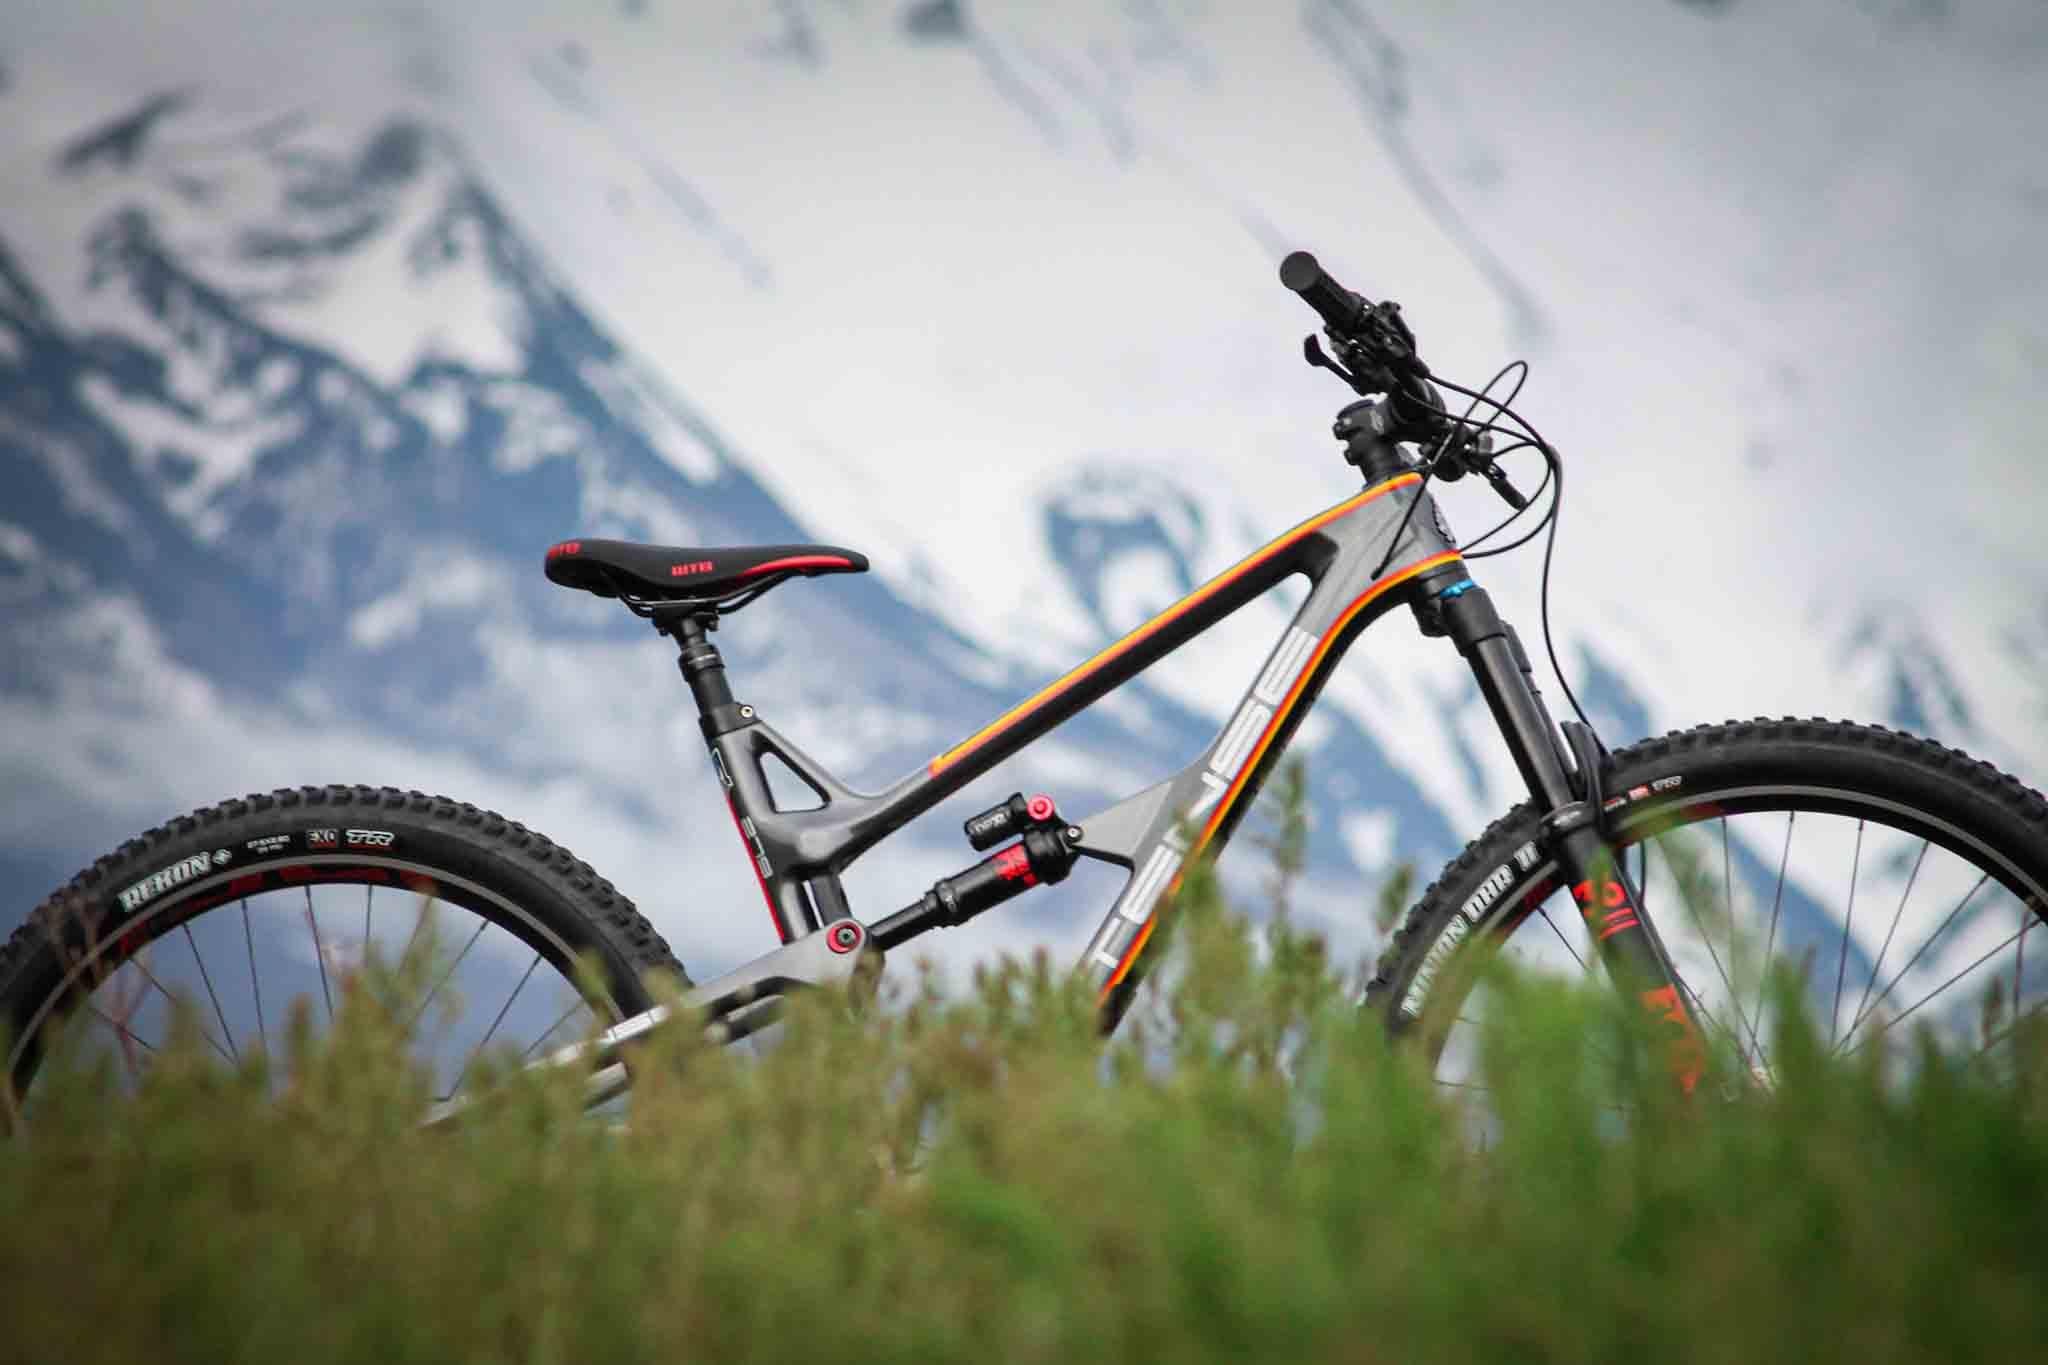 Mullet bike